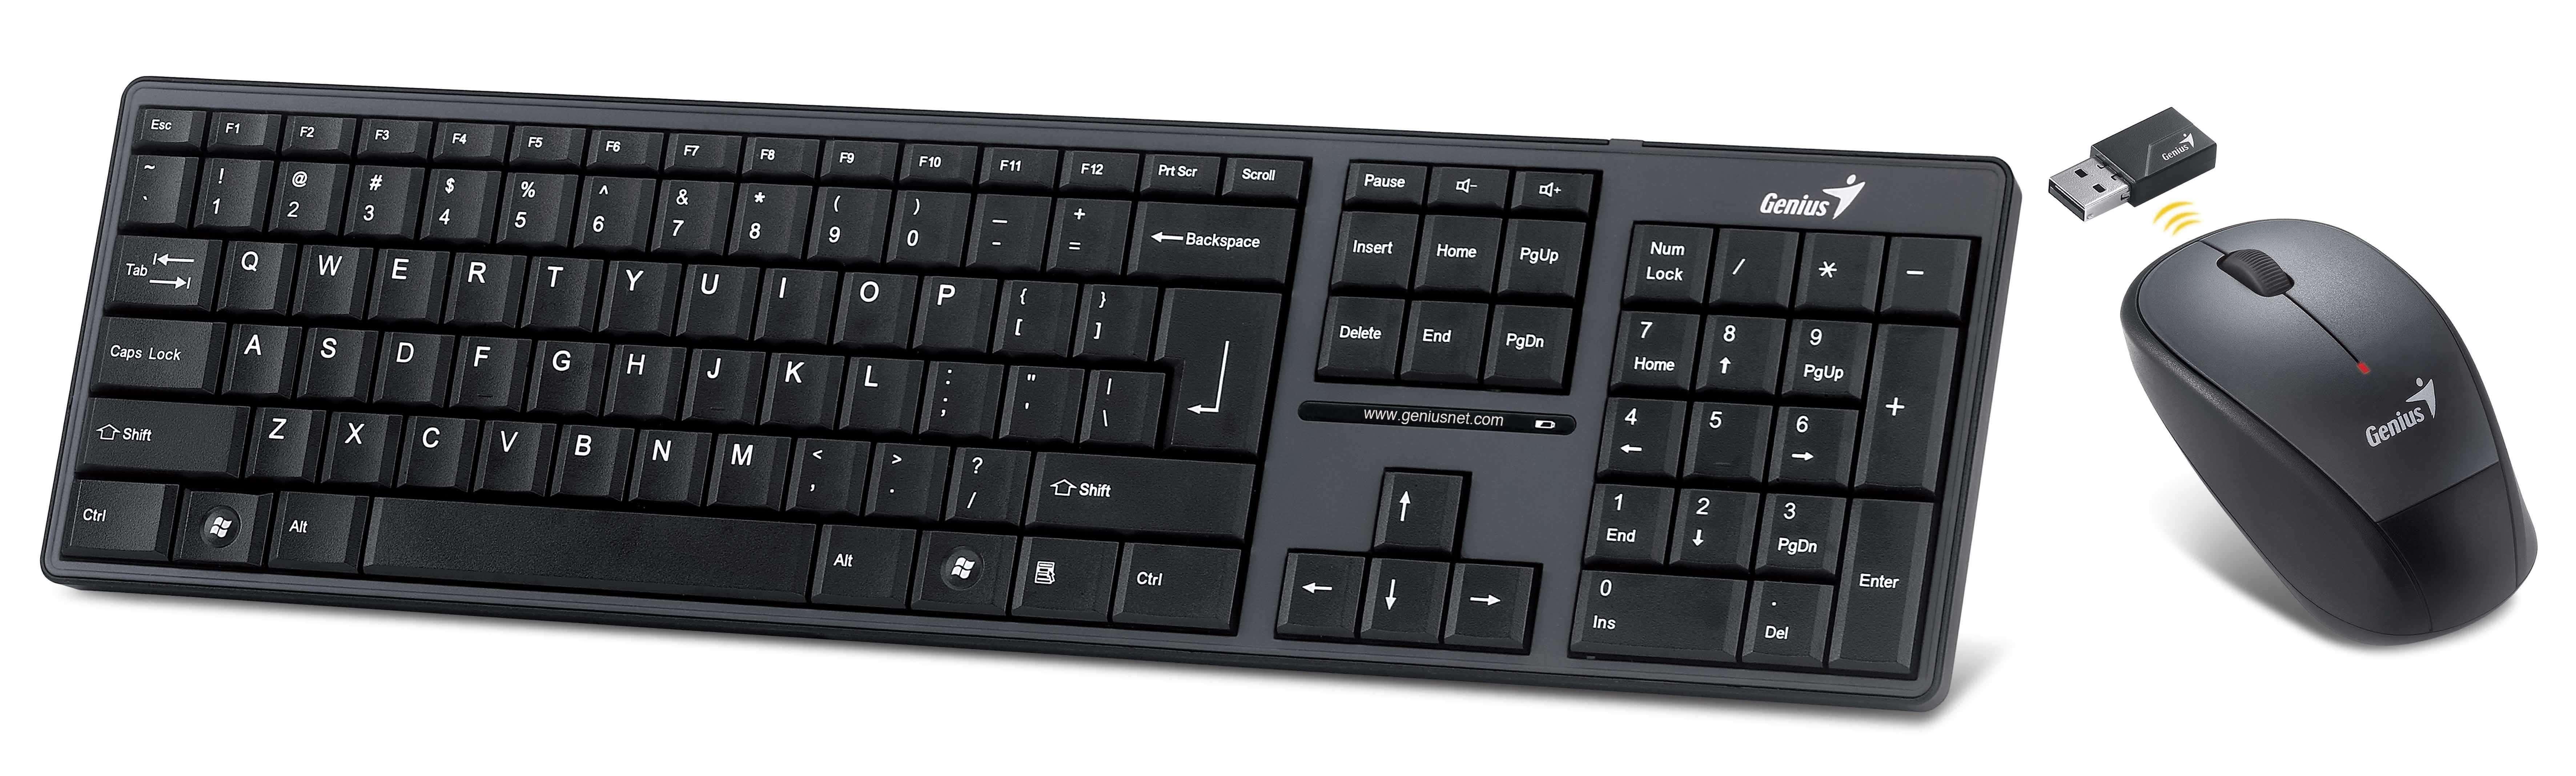 Kit Teclado e Mouse Sem fio - Genius SlimStar 8000